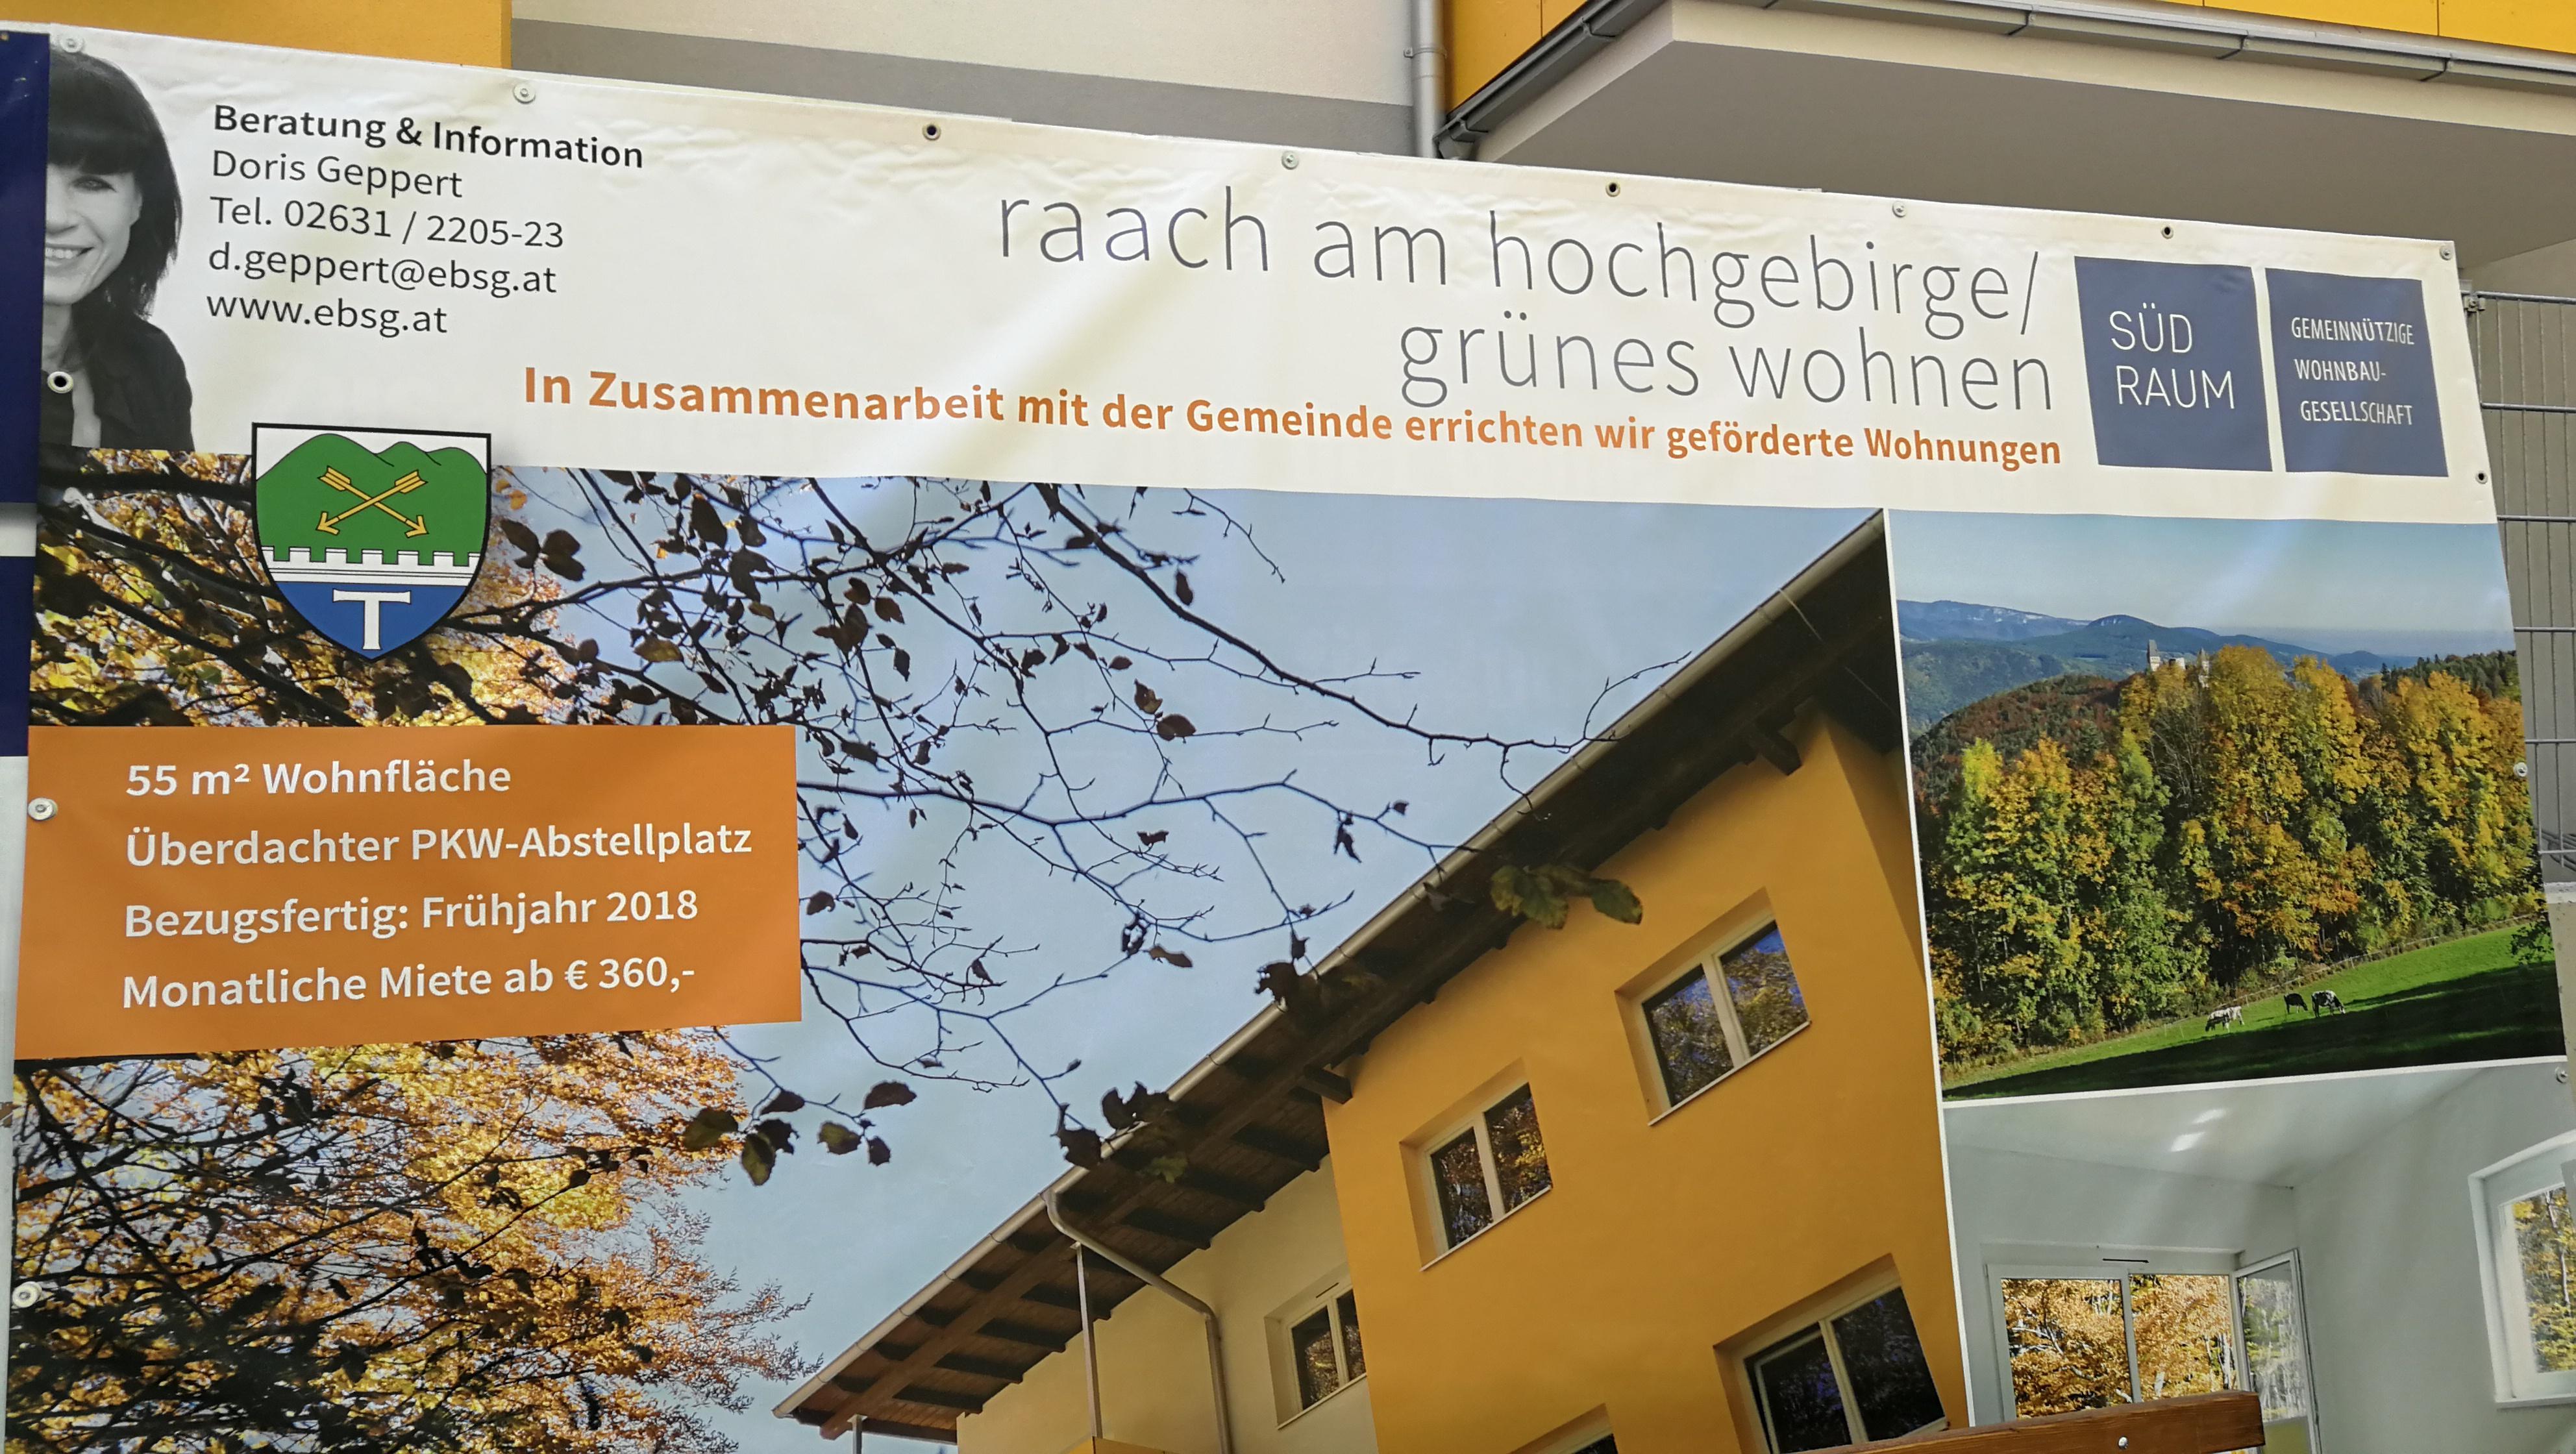 Heizbaer ist Projektpartner bei grünes Wohnen in Raach